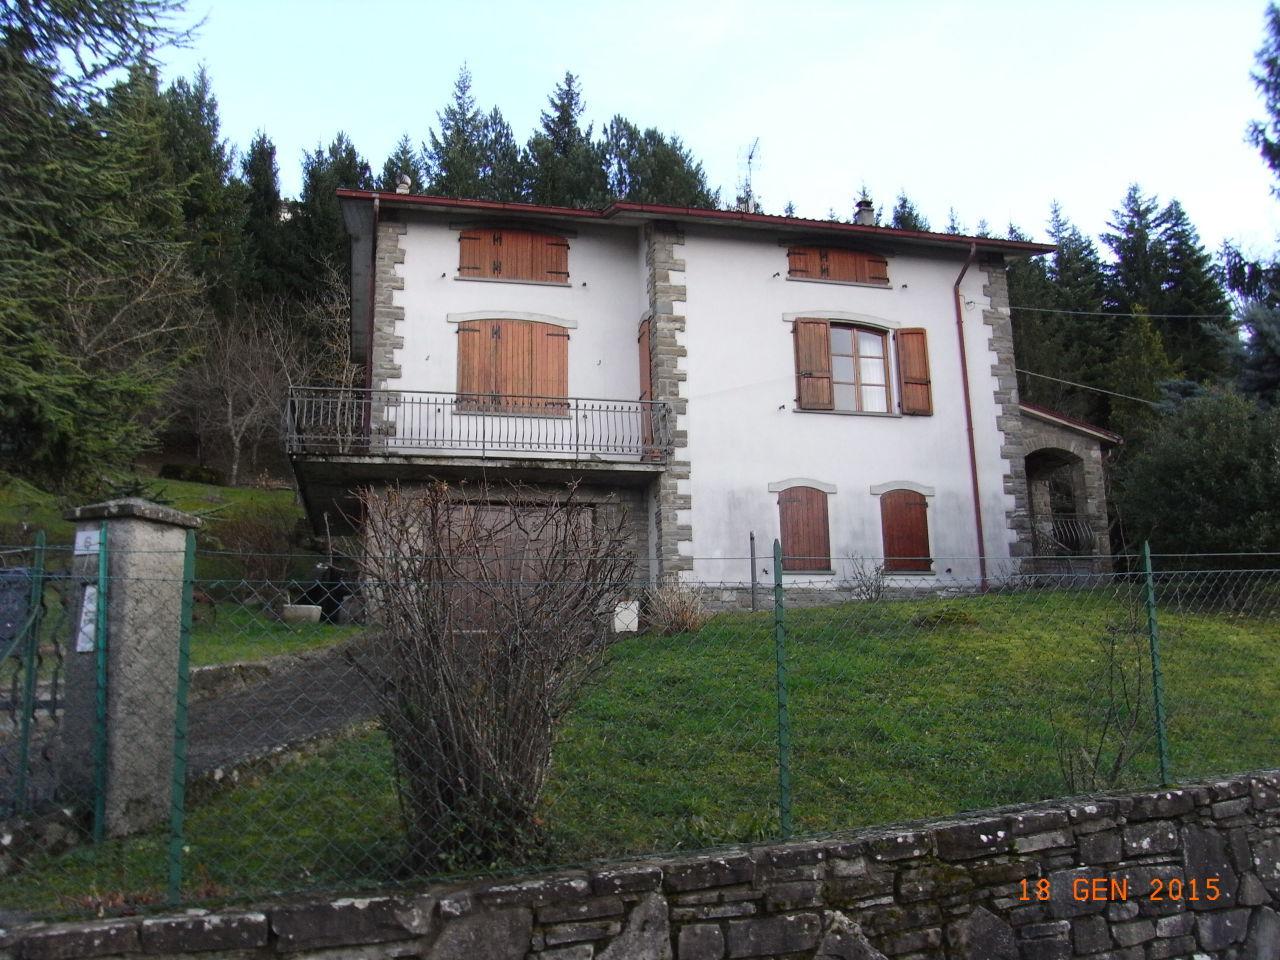 Soluzione Indipendente in vendita a Berceto, 5 locali, prezzo € 360.000 | Cambio Casa.it